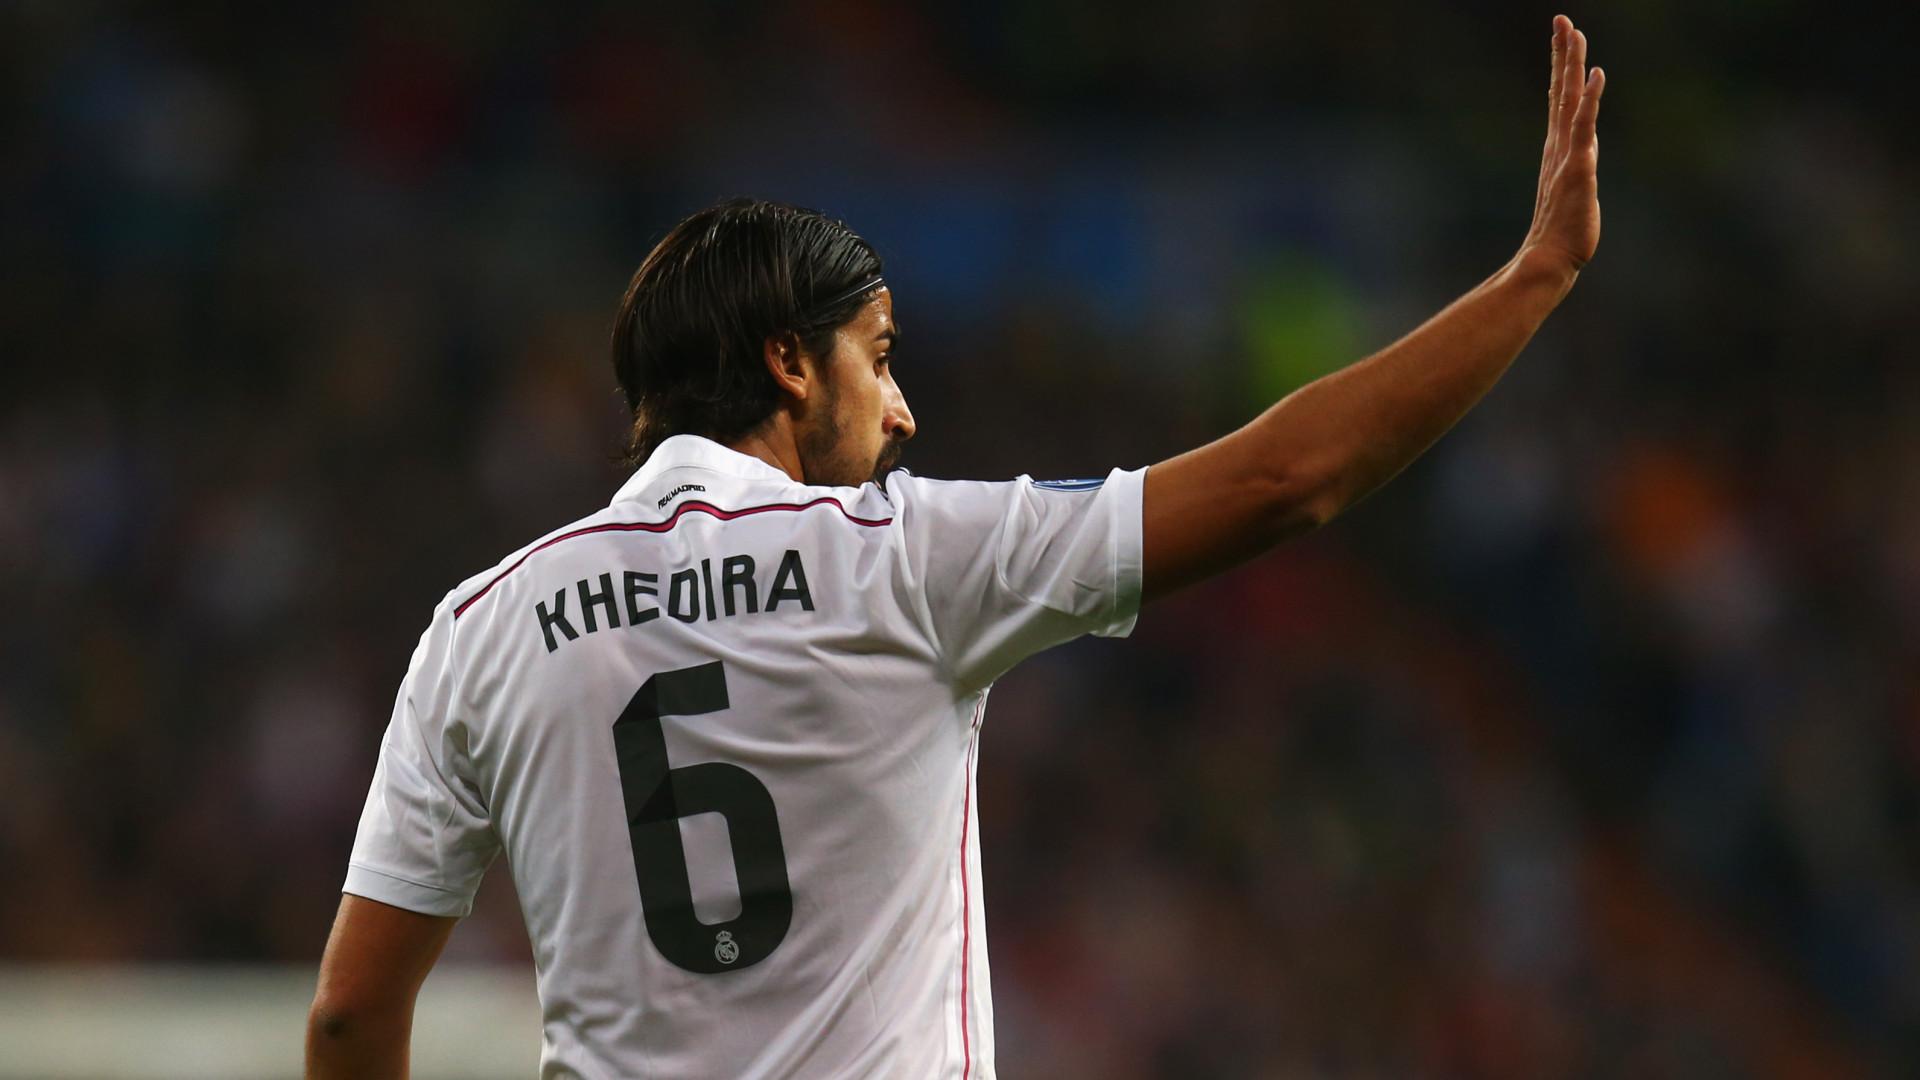 """Perto do adeus, Khedira revela: """"Será difícil deixar o Real Madrid"""""""